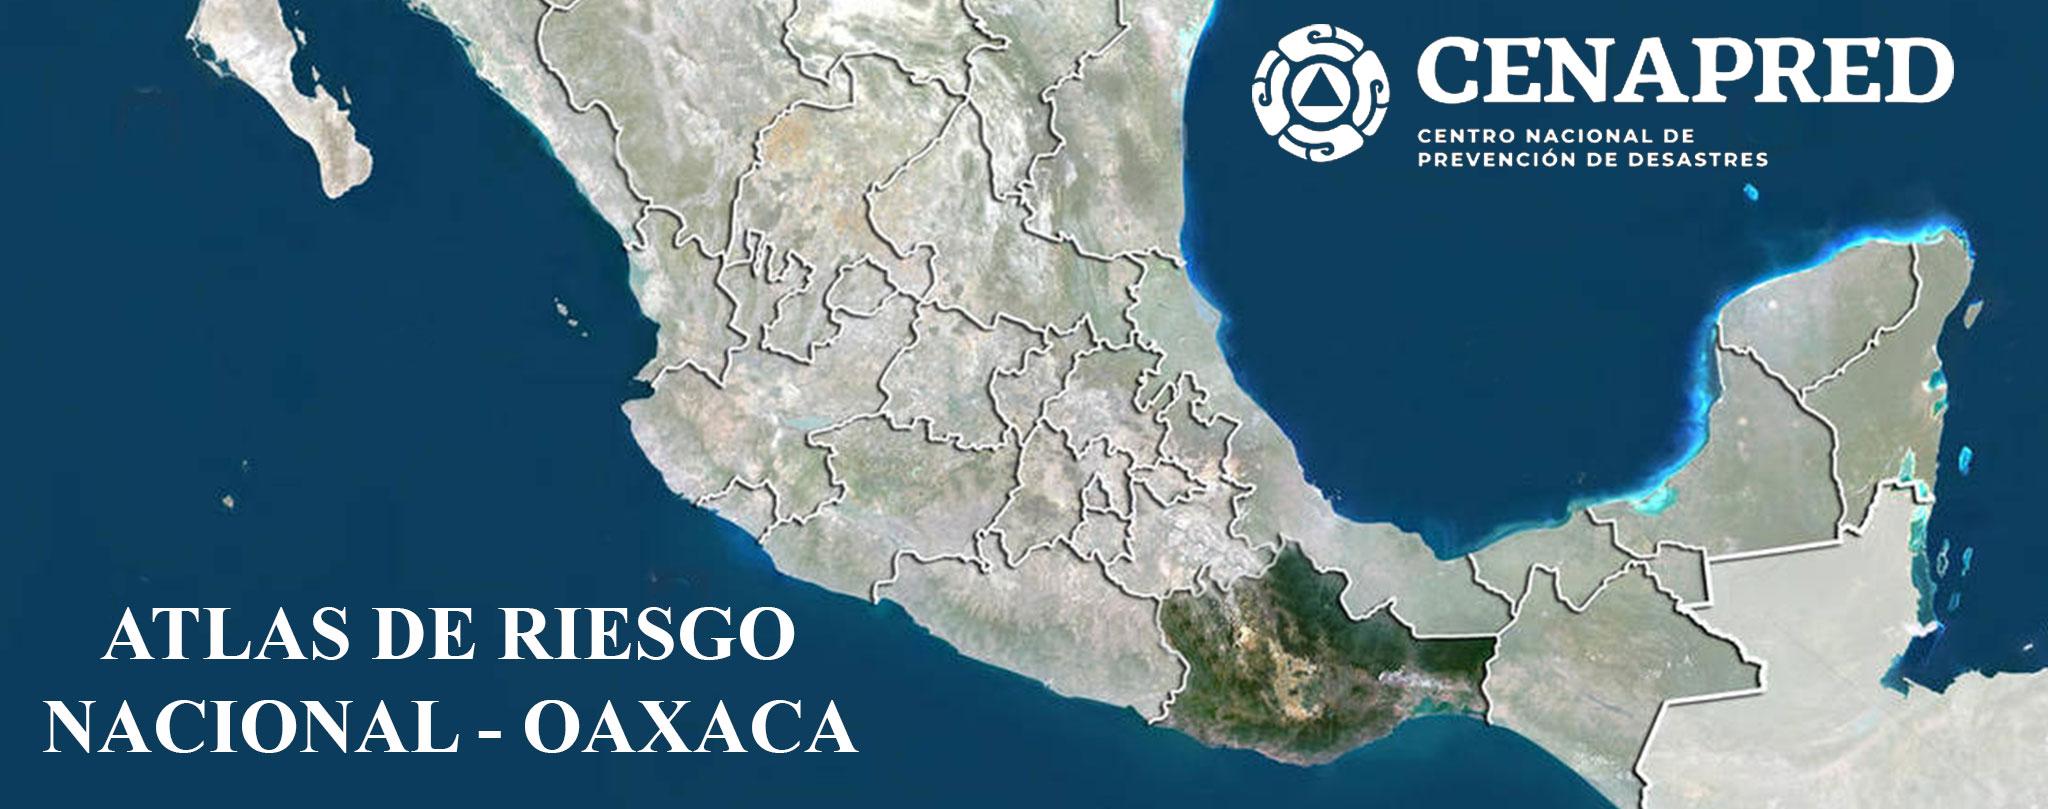 Atlas de Riesgo Nacional